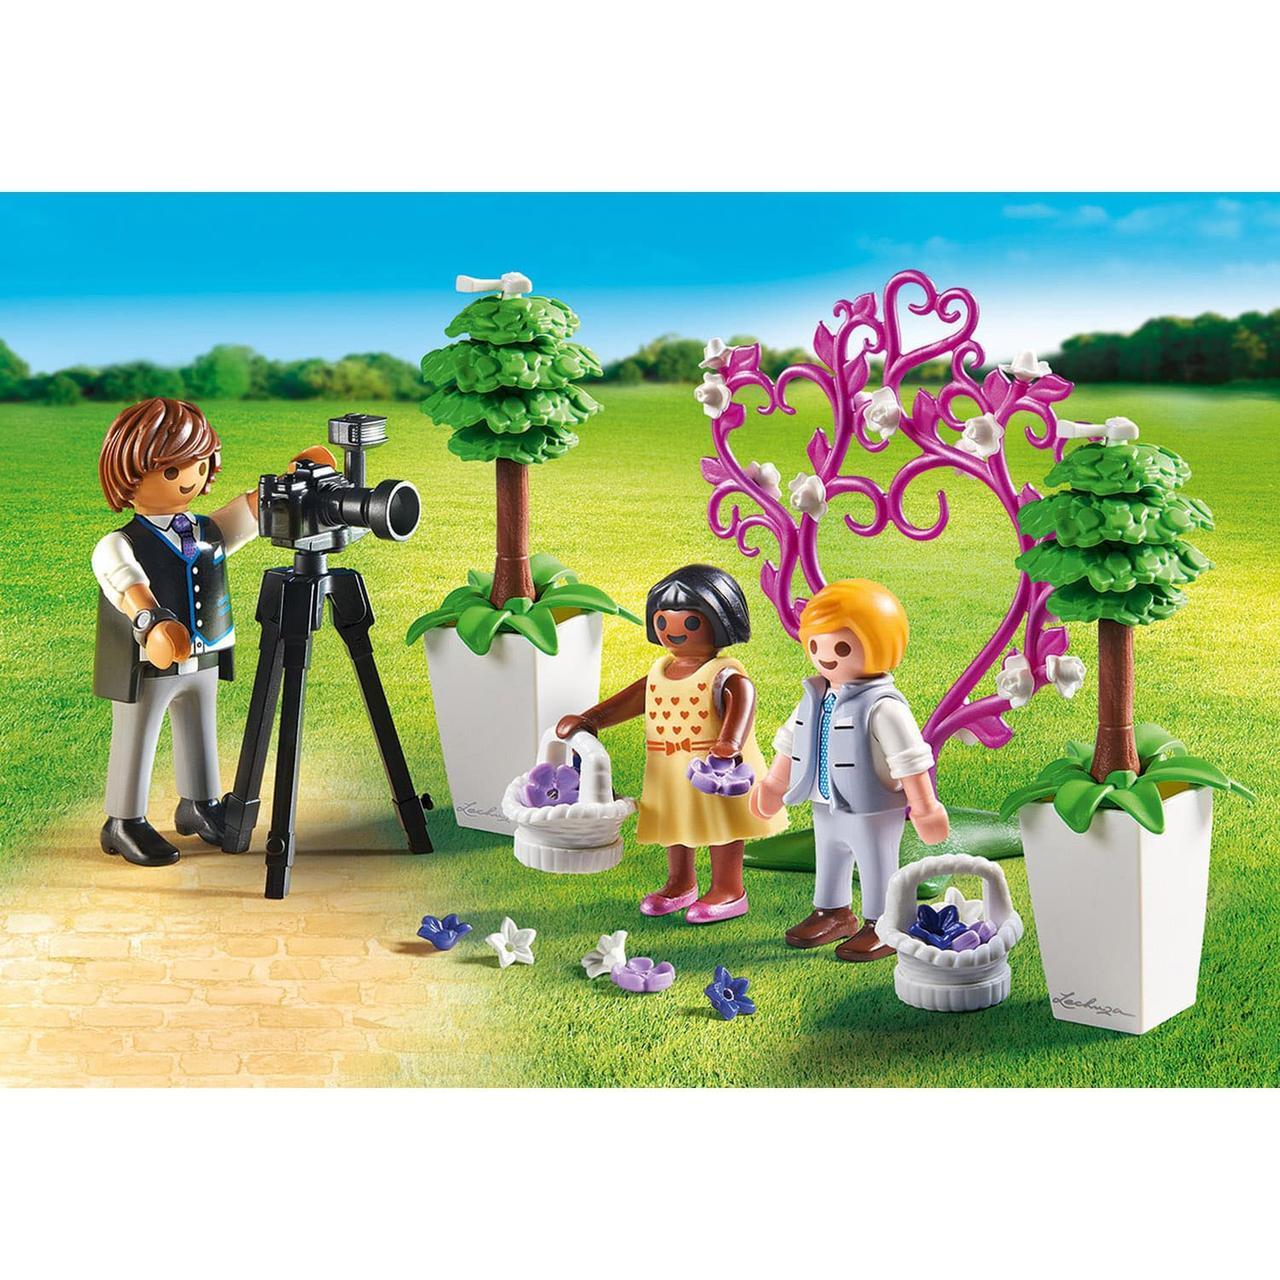 Конструктор Playmobil Фотограф и дети с цветами - фото 3